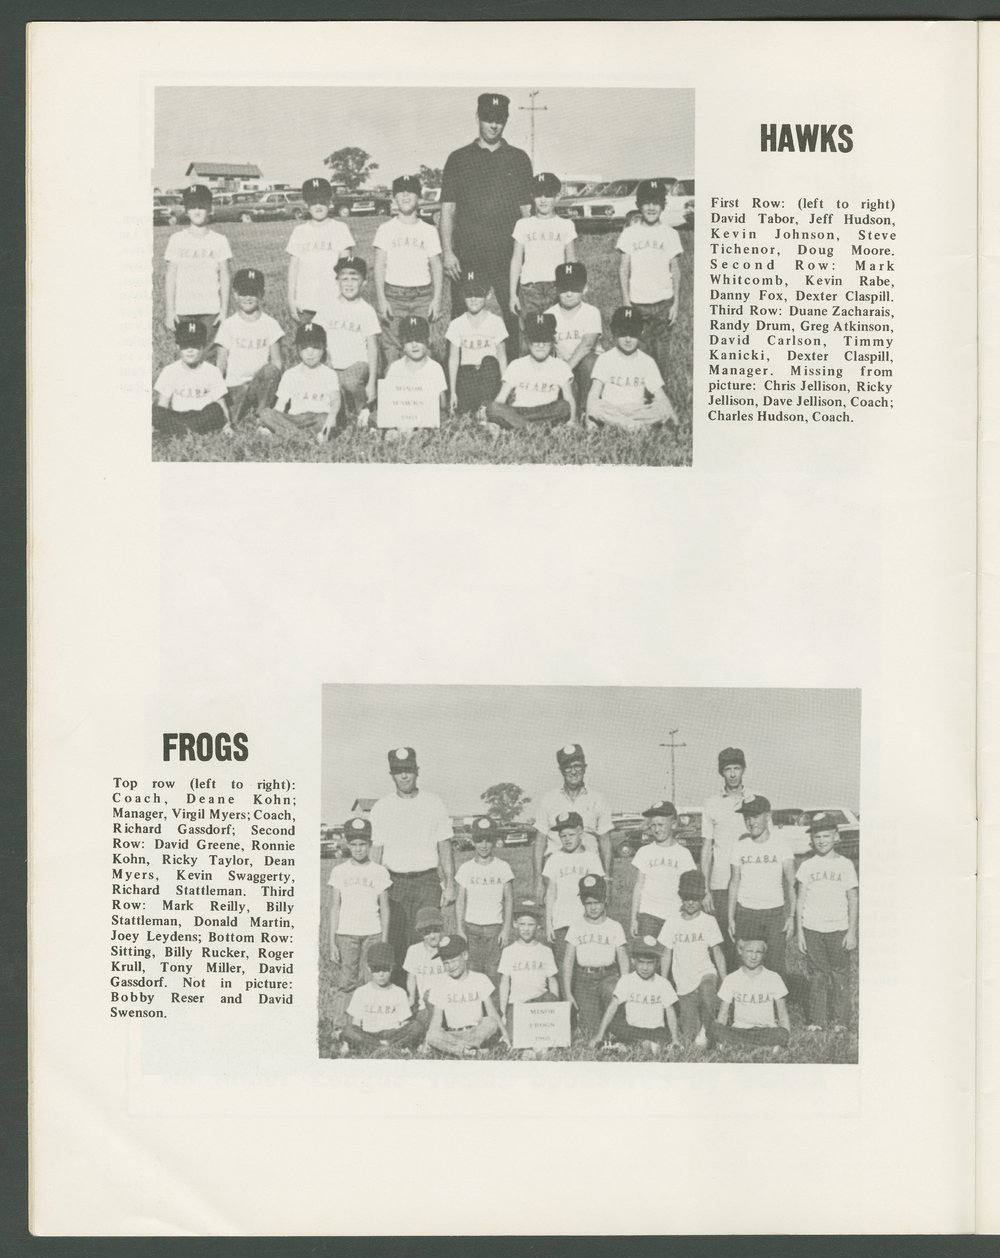 1969 SCABA baseball yearbook, Topeka, Kansas - 8